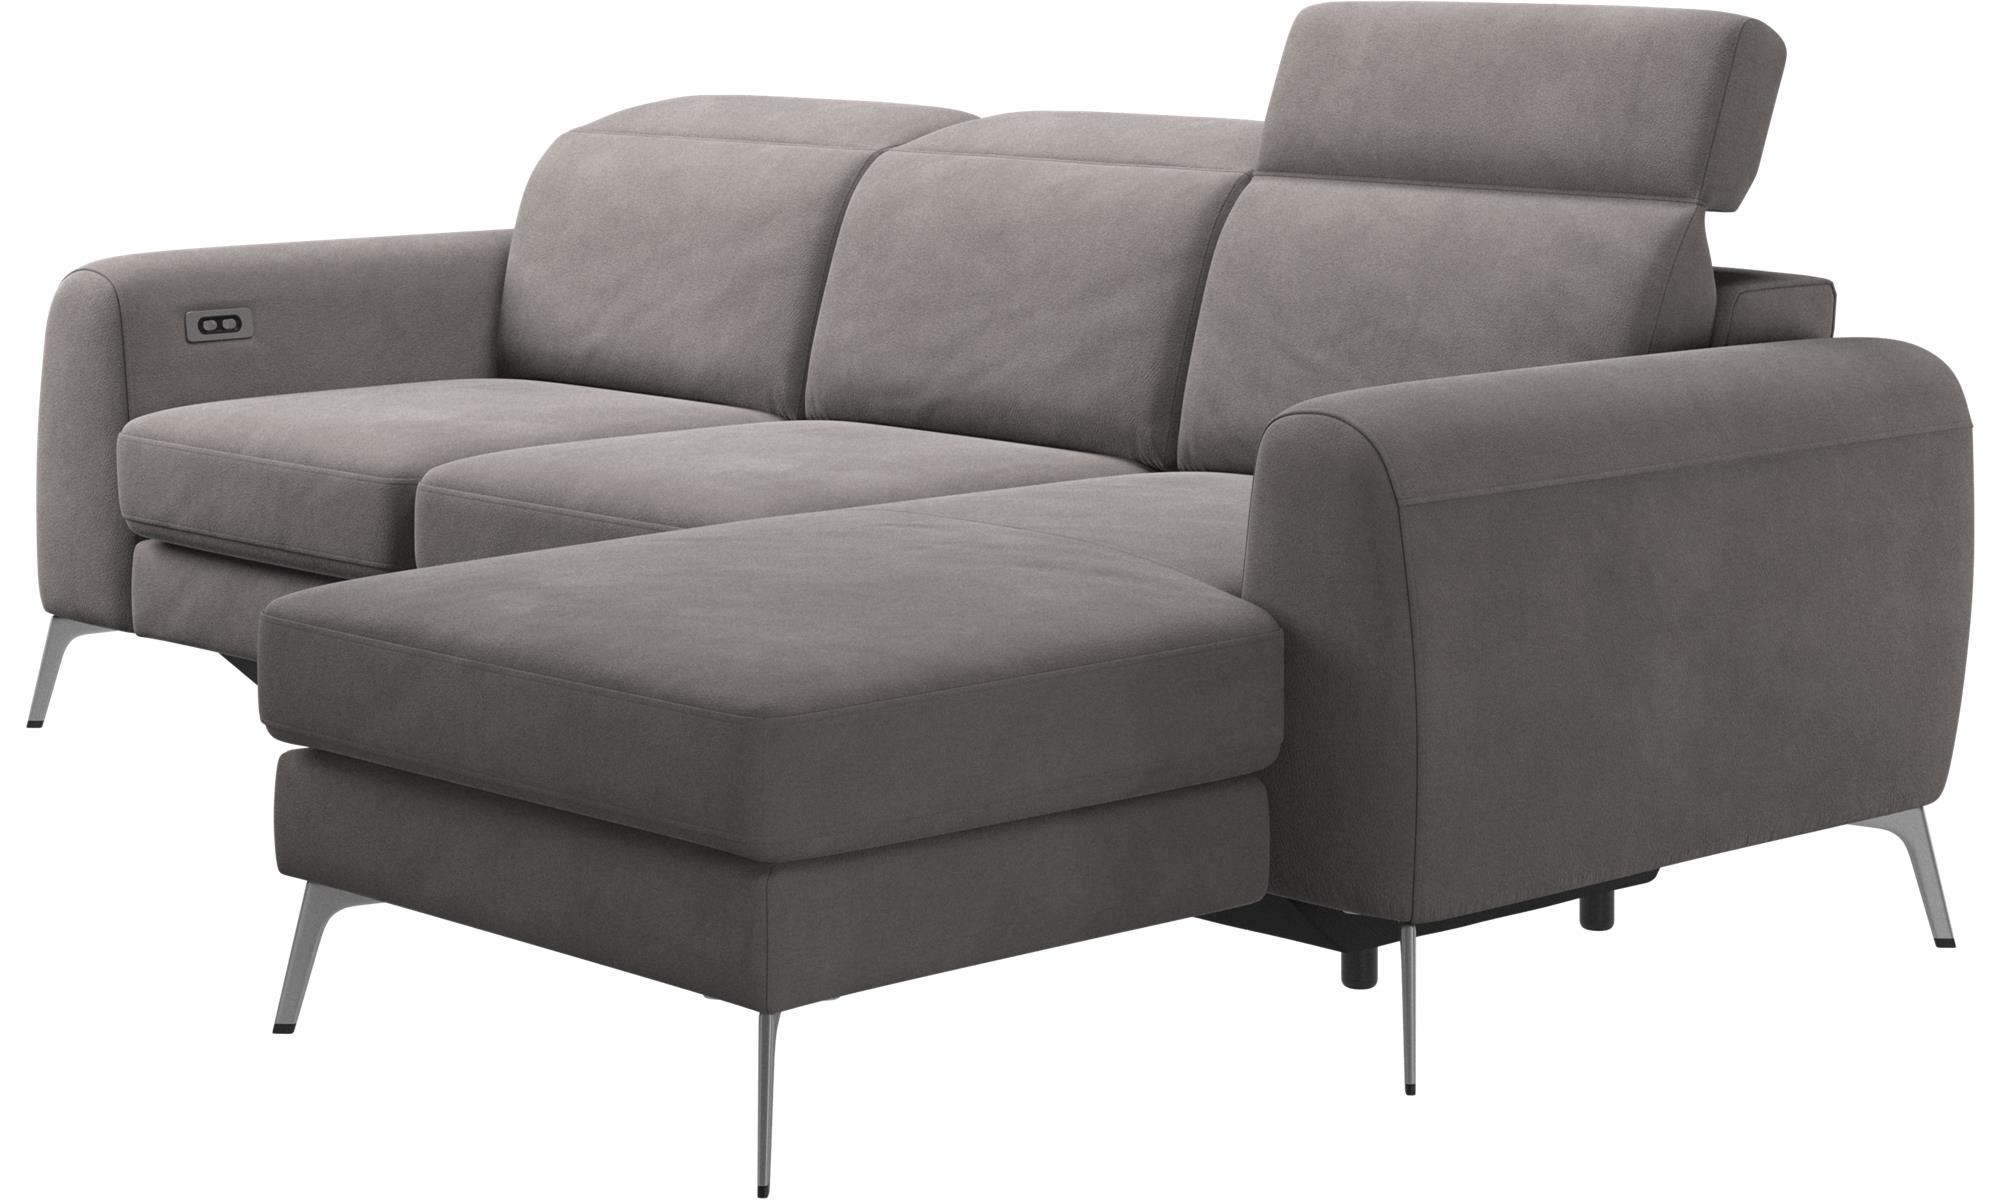 canap s 3 places canap madison avec module chaise longue et appuie t te r glables boconcept. Black Bedroom Furniture Sets. Home Design Ideas